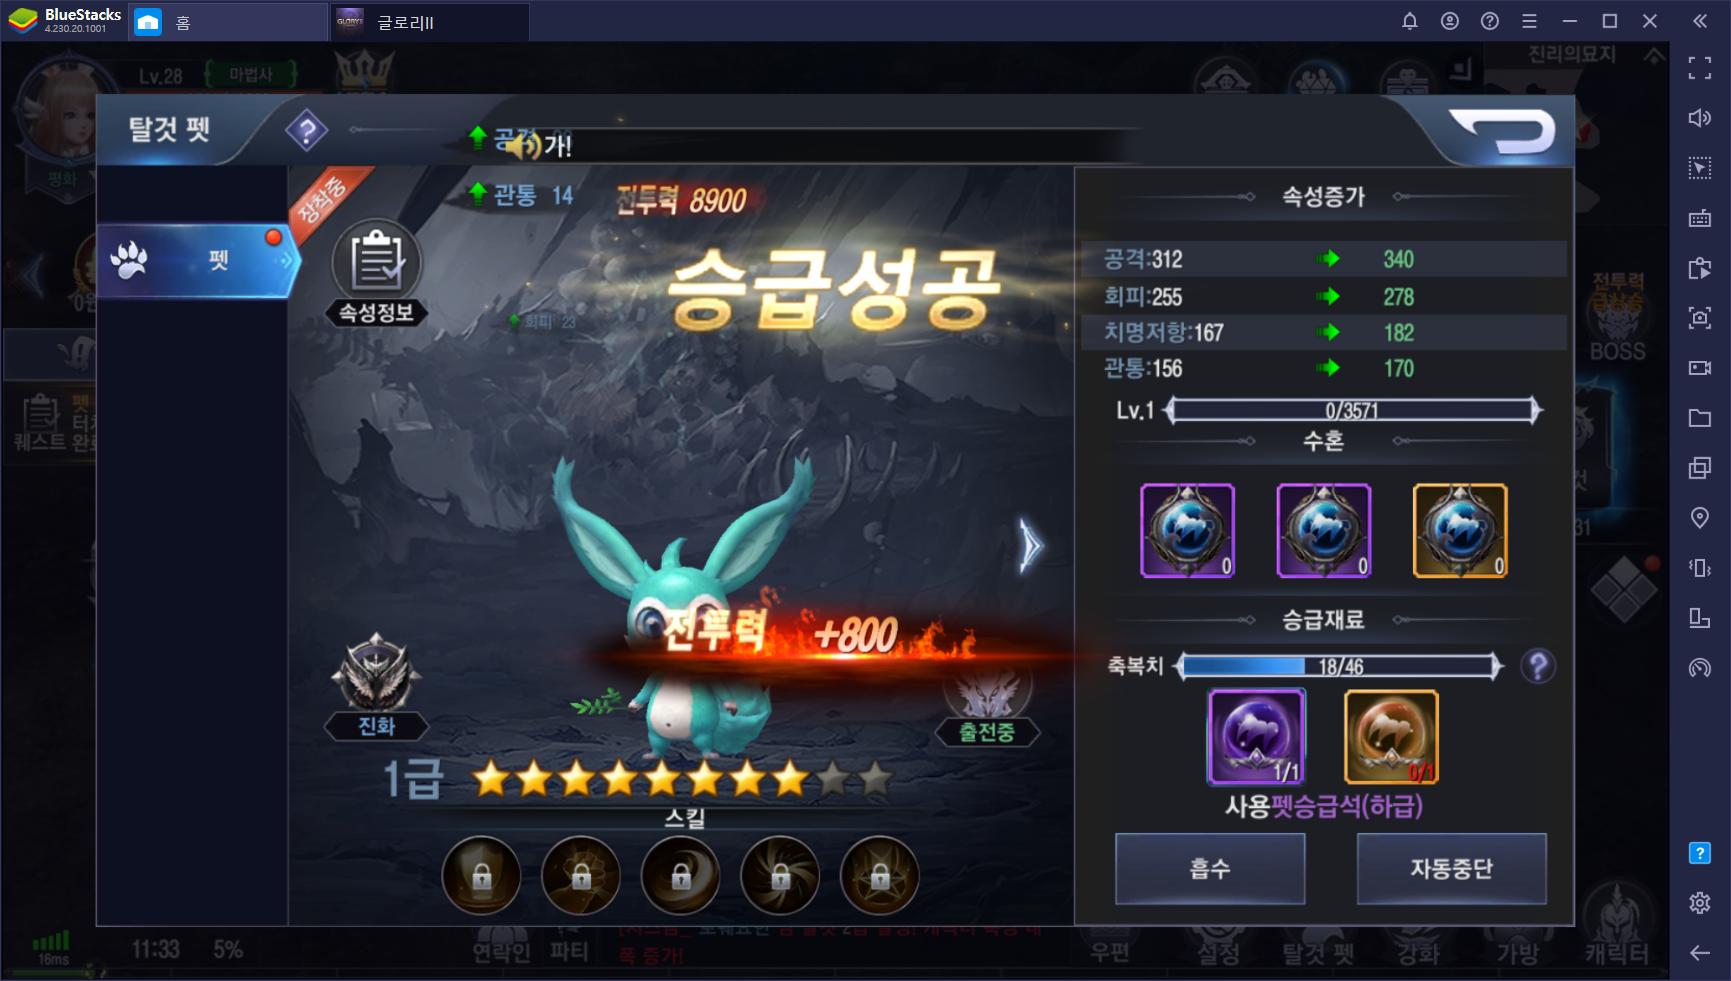 글로리2 다크니스 높은 전투력을 위한 가이드